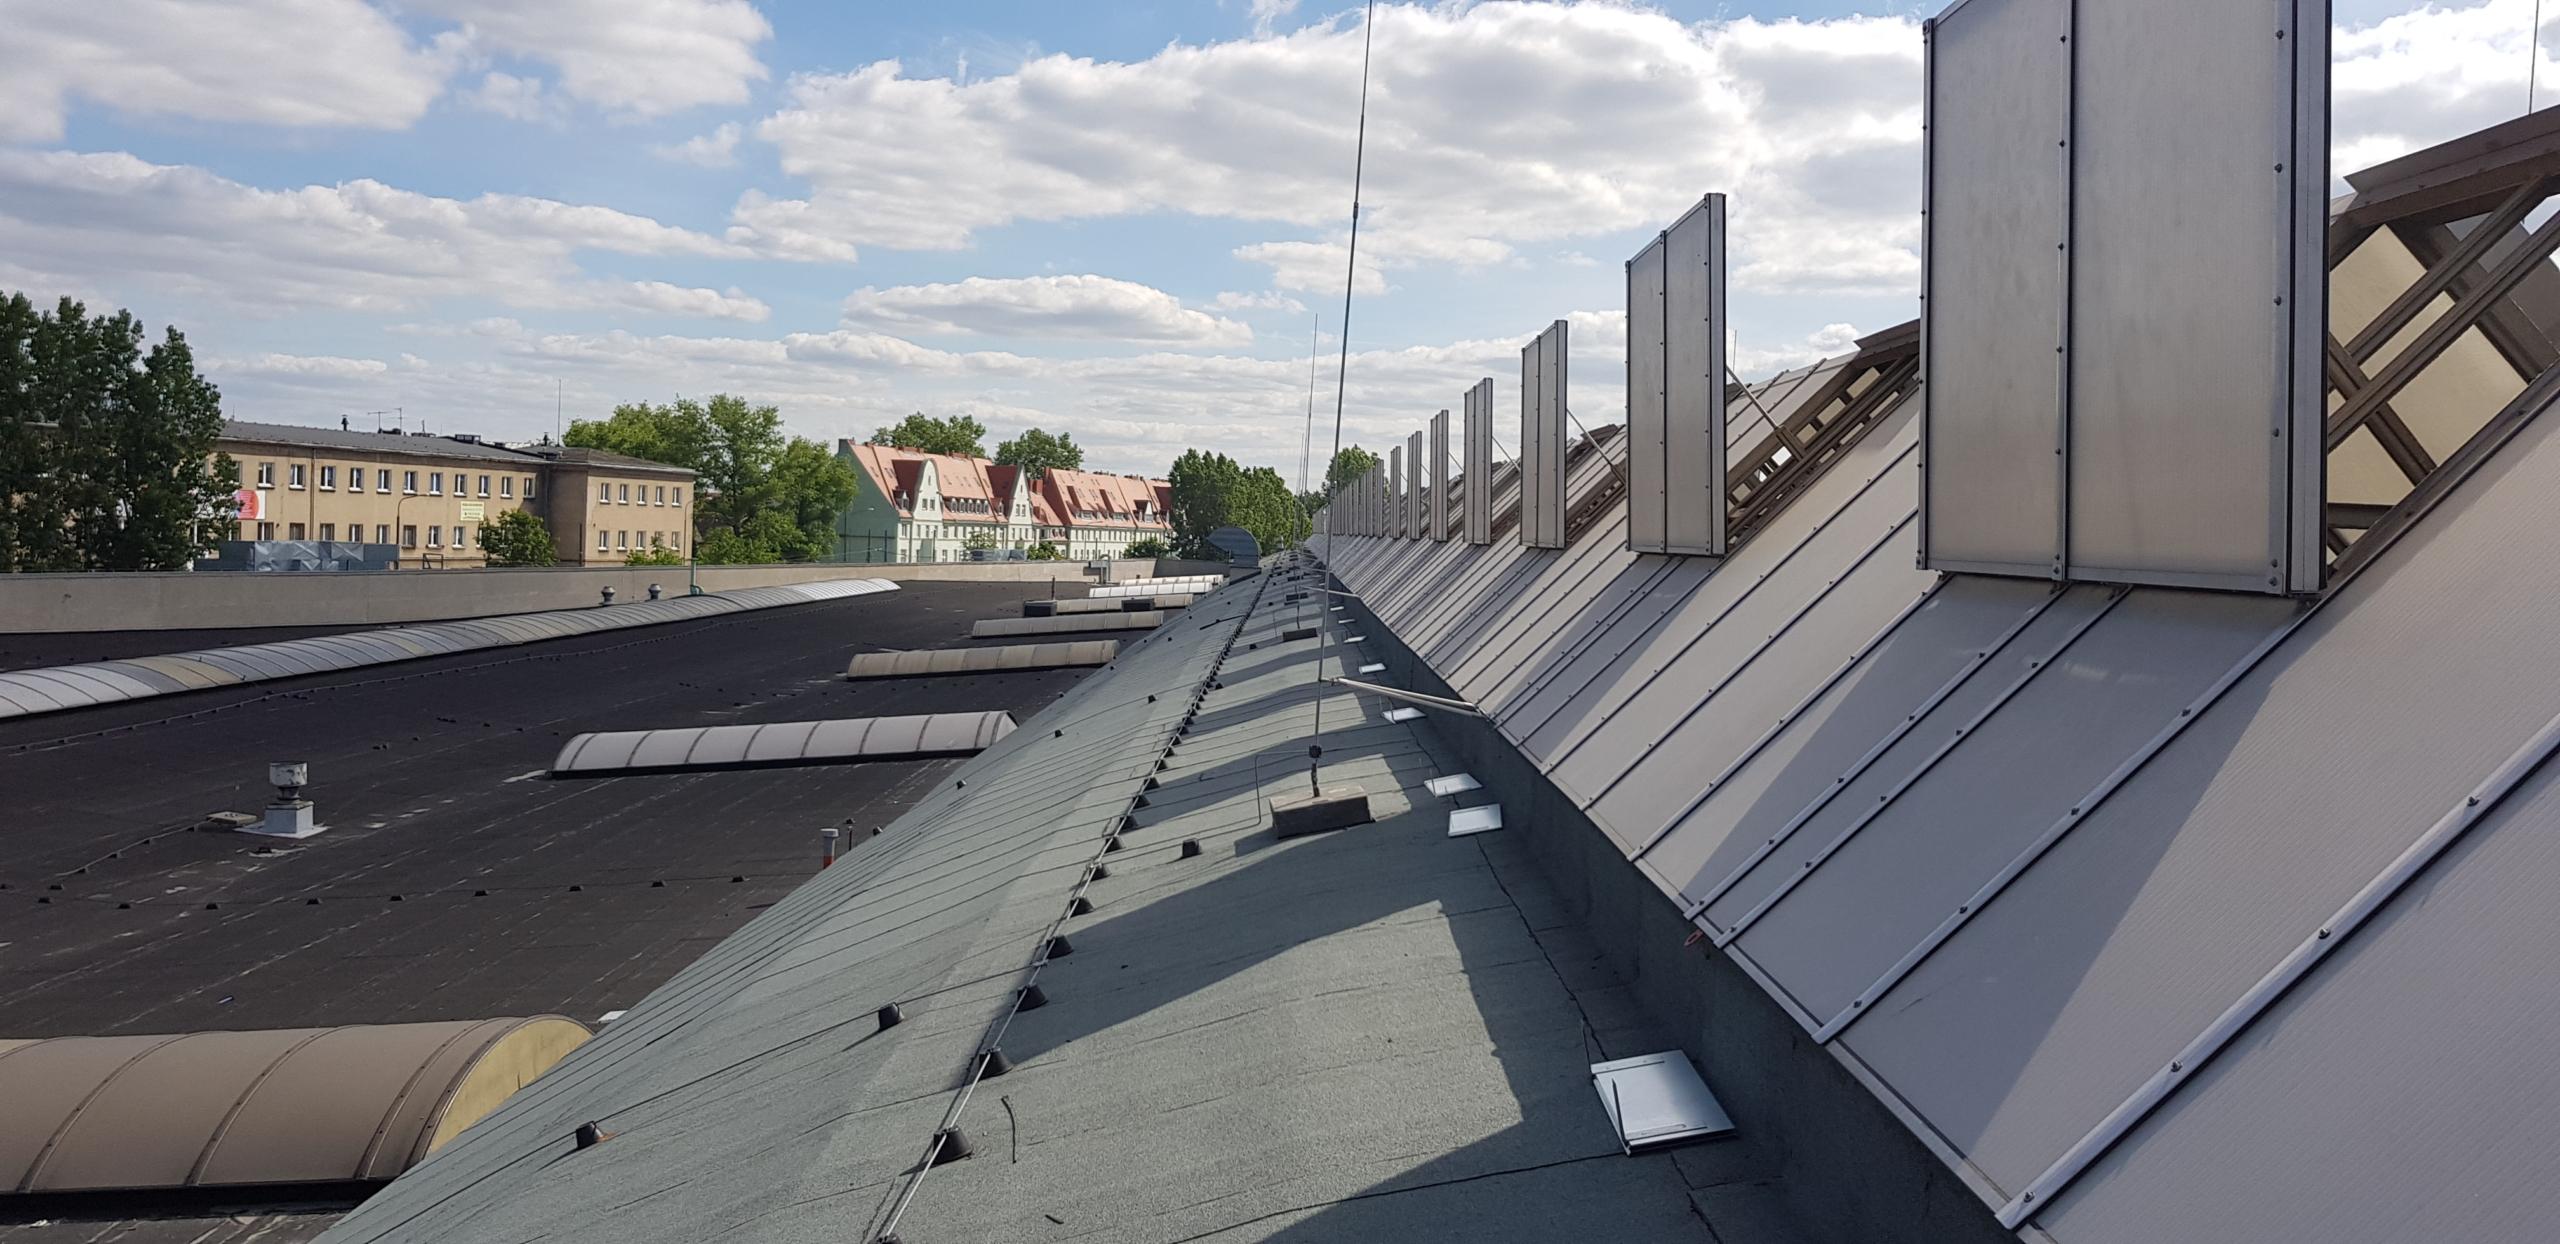 zwody pionowe oraz poziome w instalacji odgromowej budynku